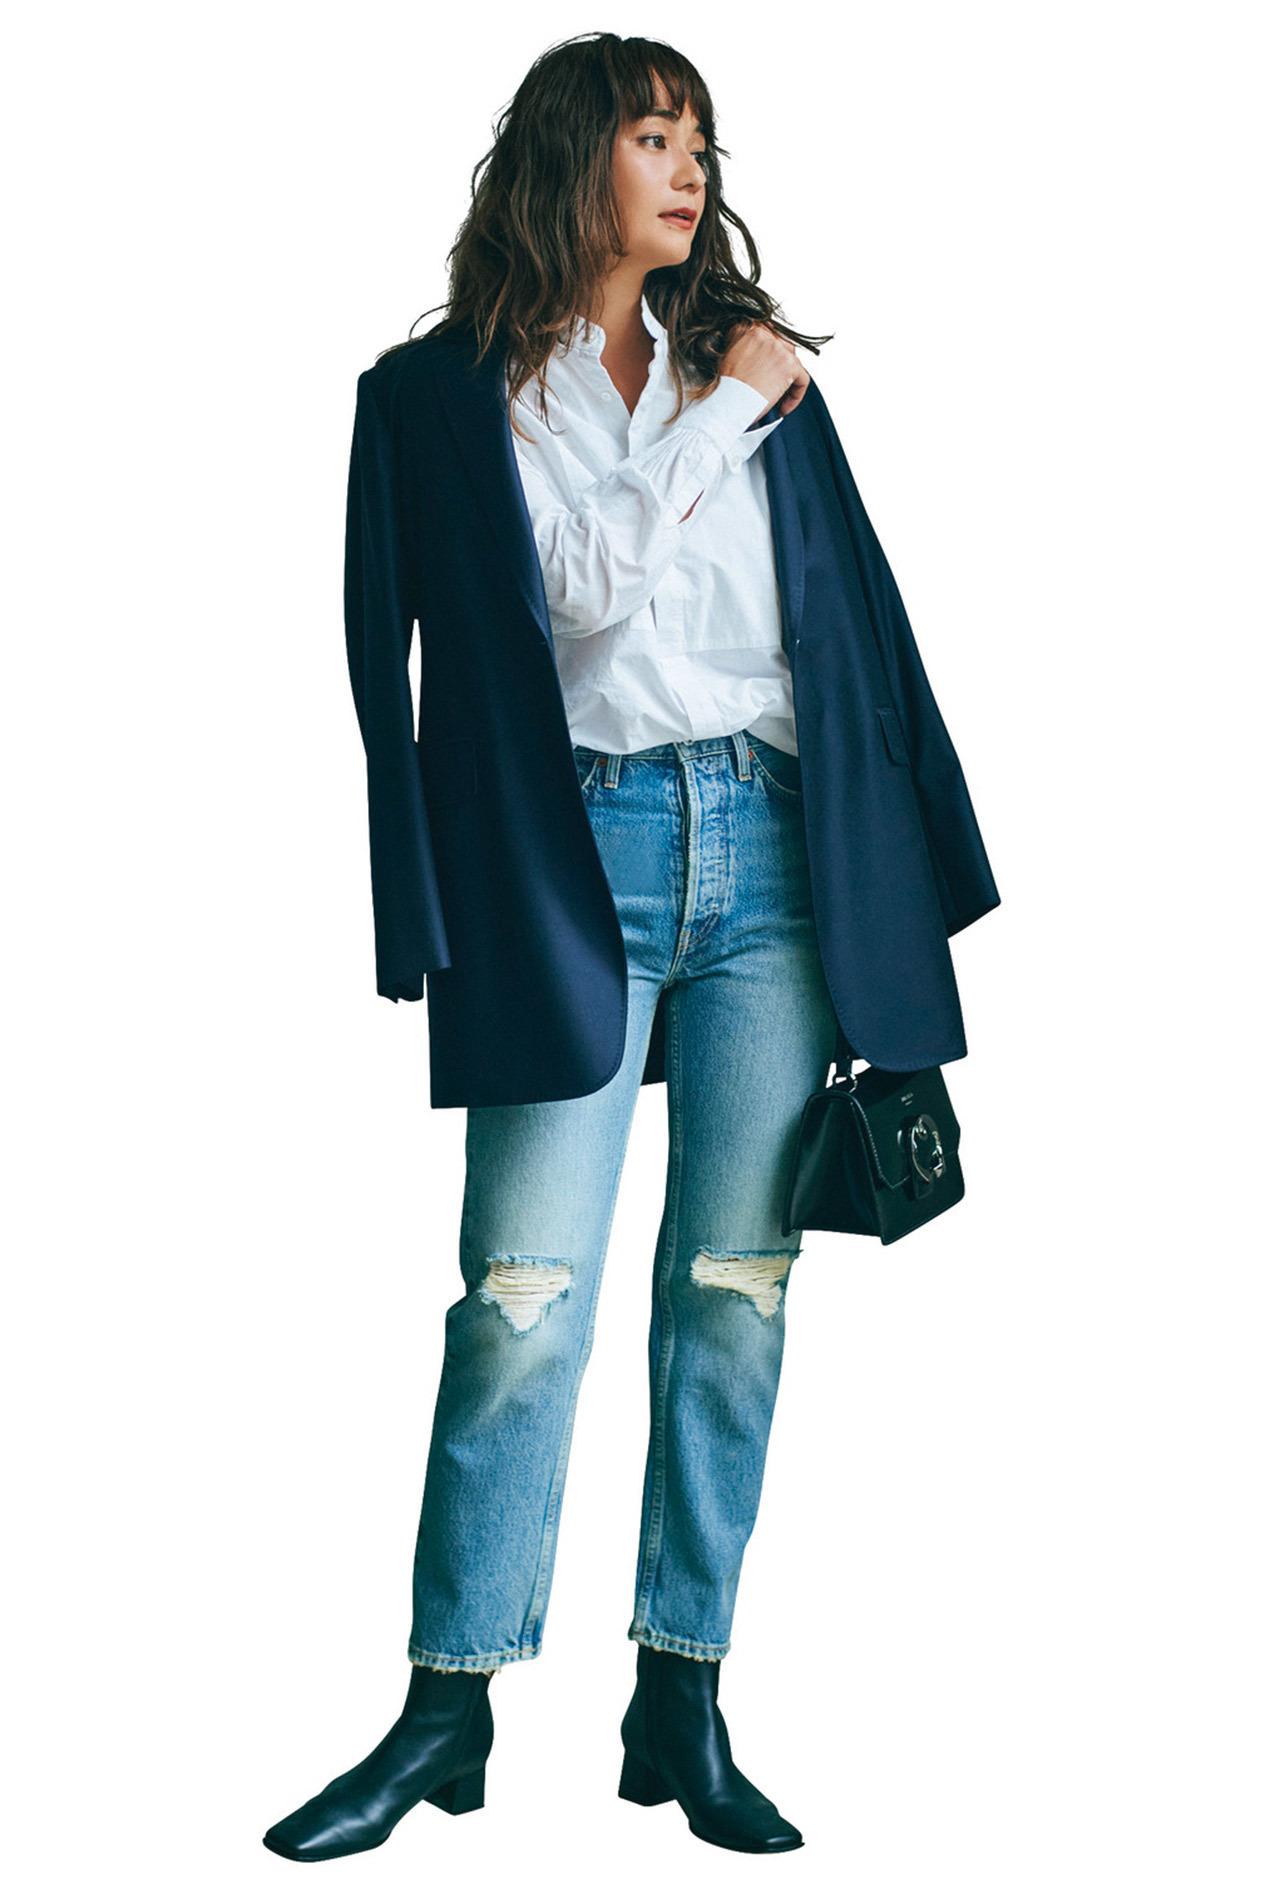 テーラードジャケット×白のバンドカラーシャツ×ダメージデニムパンツコーデ